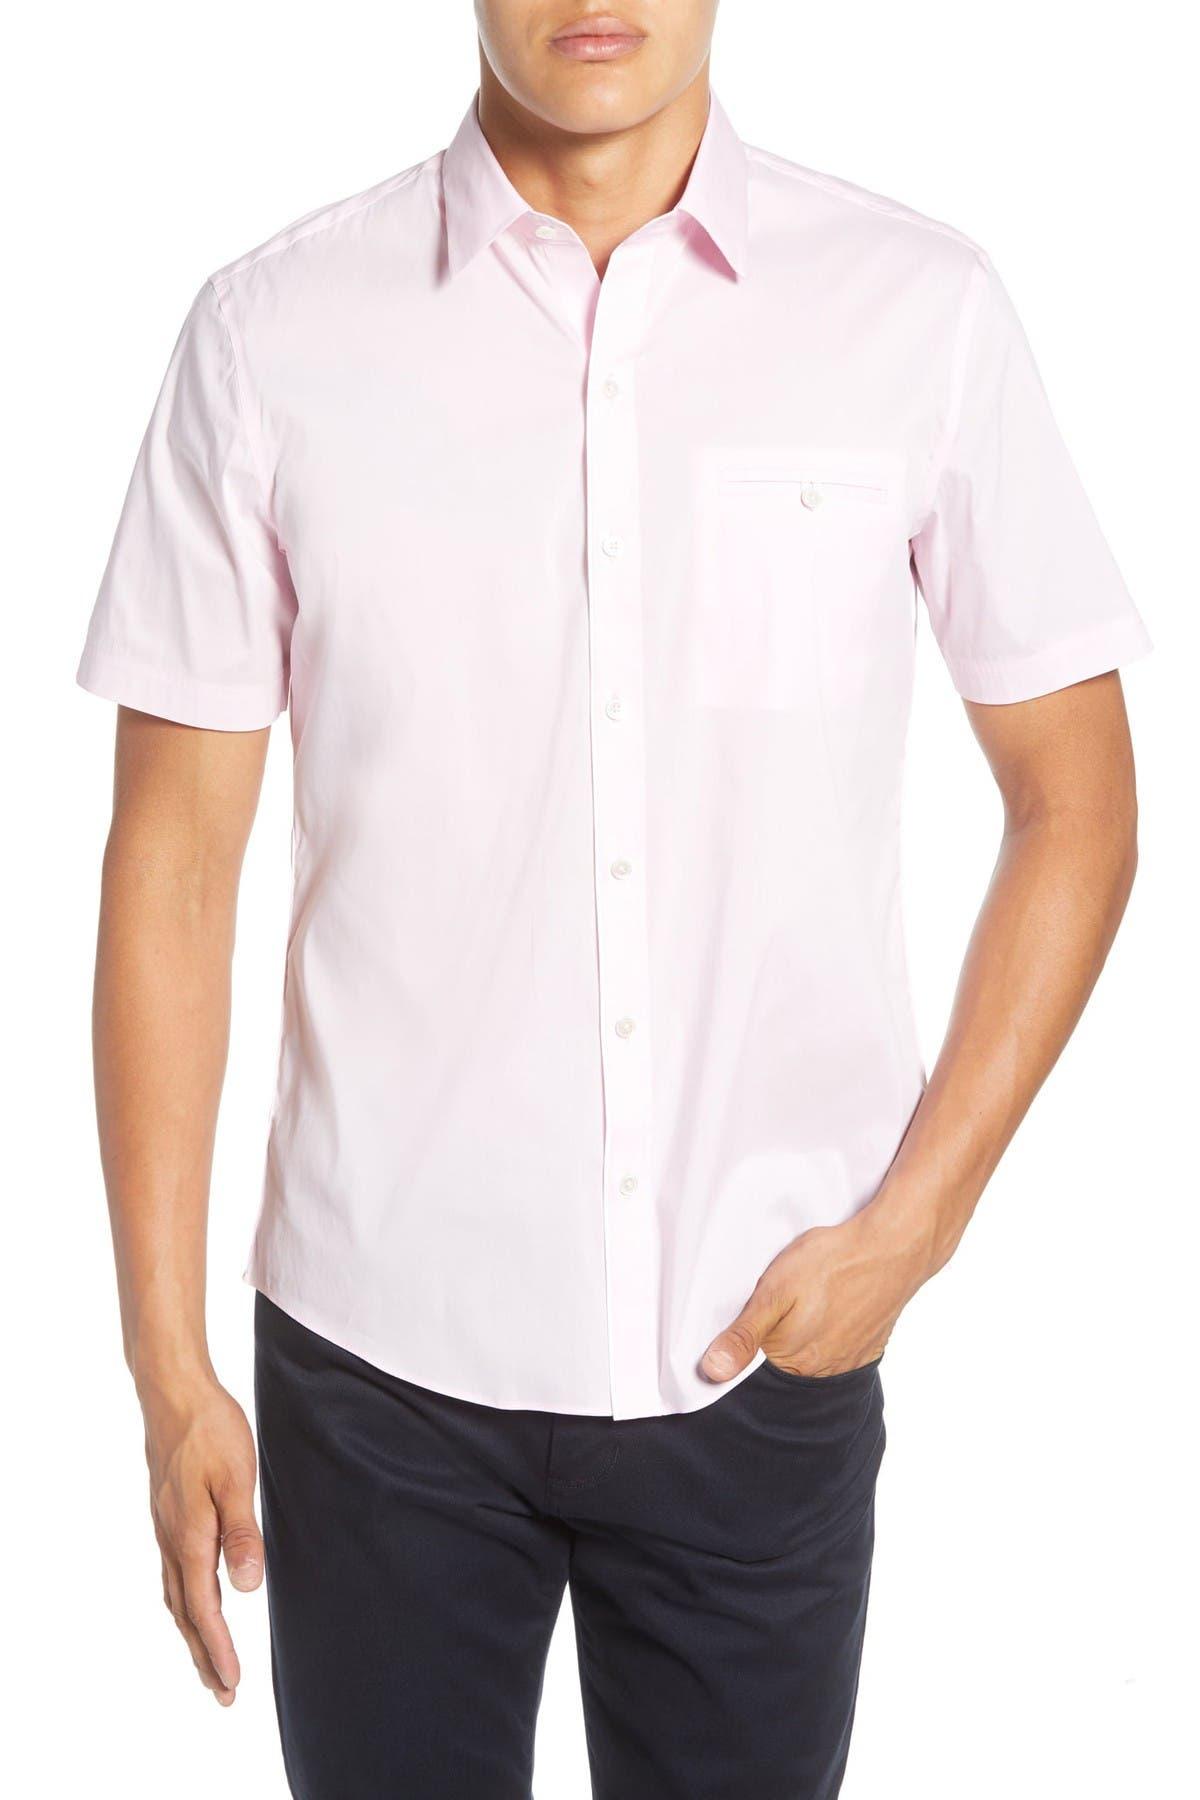 Image of Zachary Prell Baumann Regular Fit Shirt